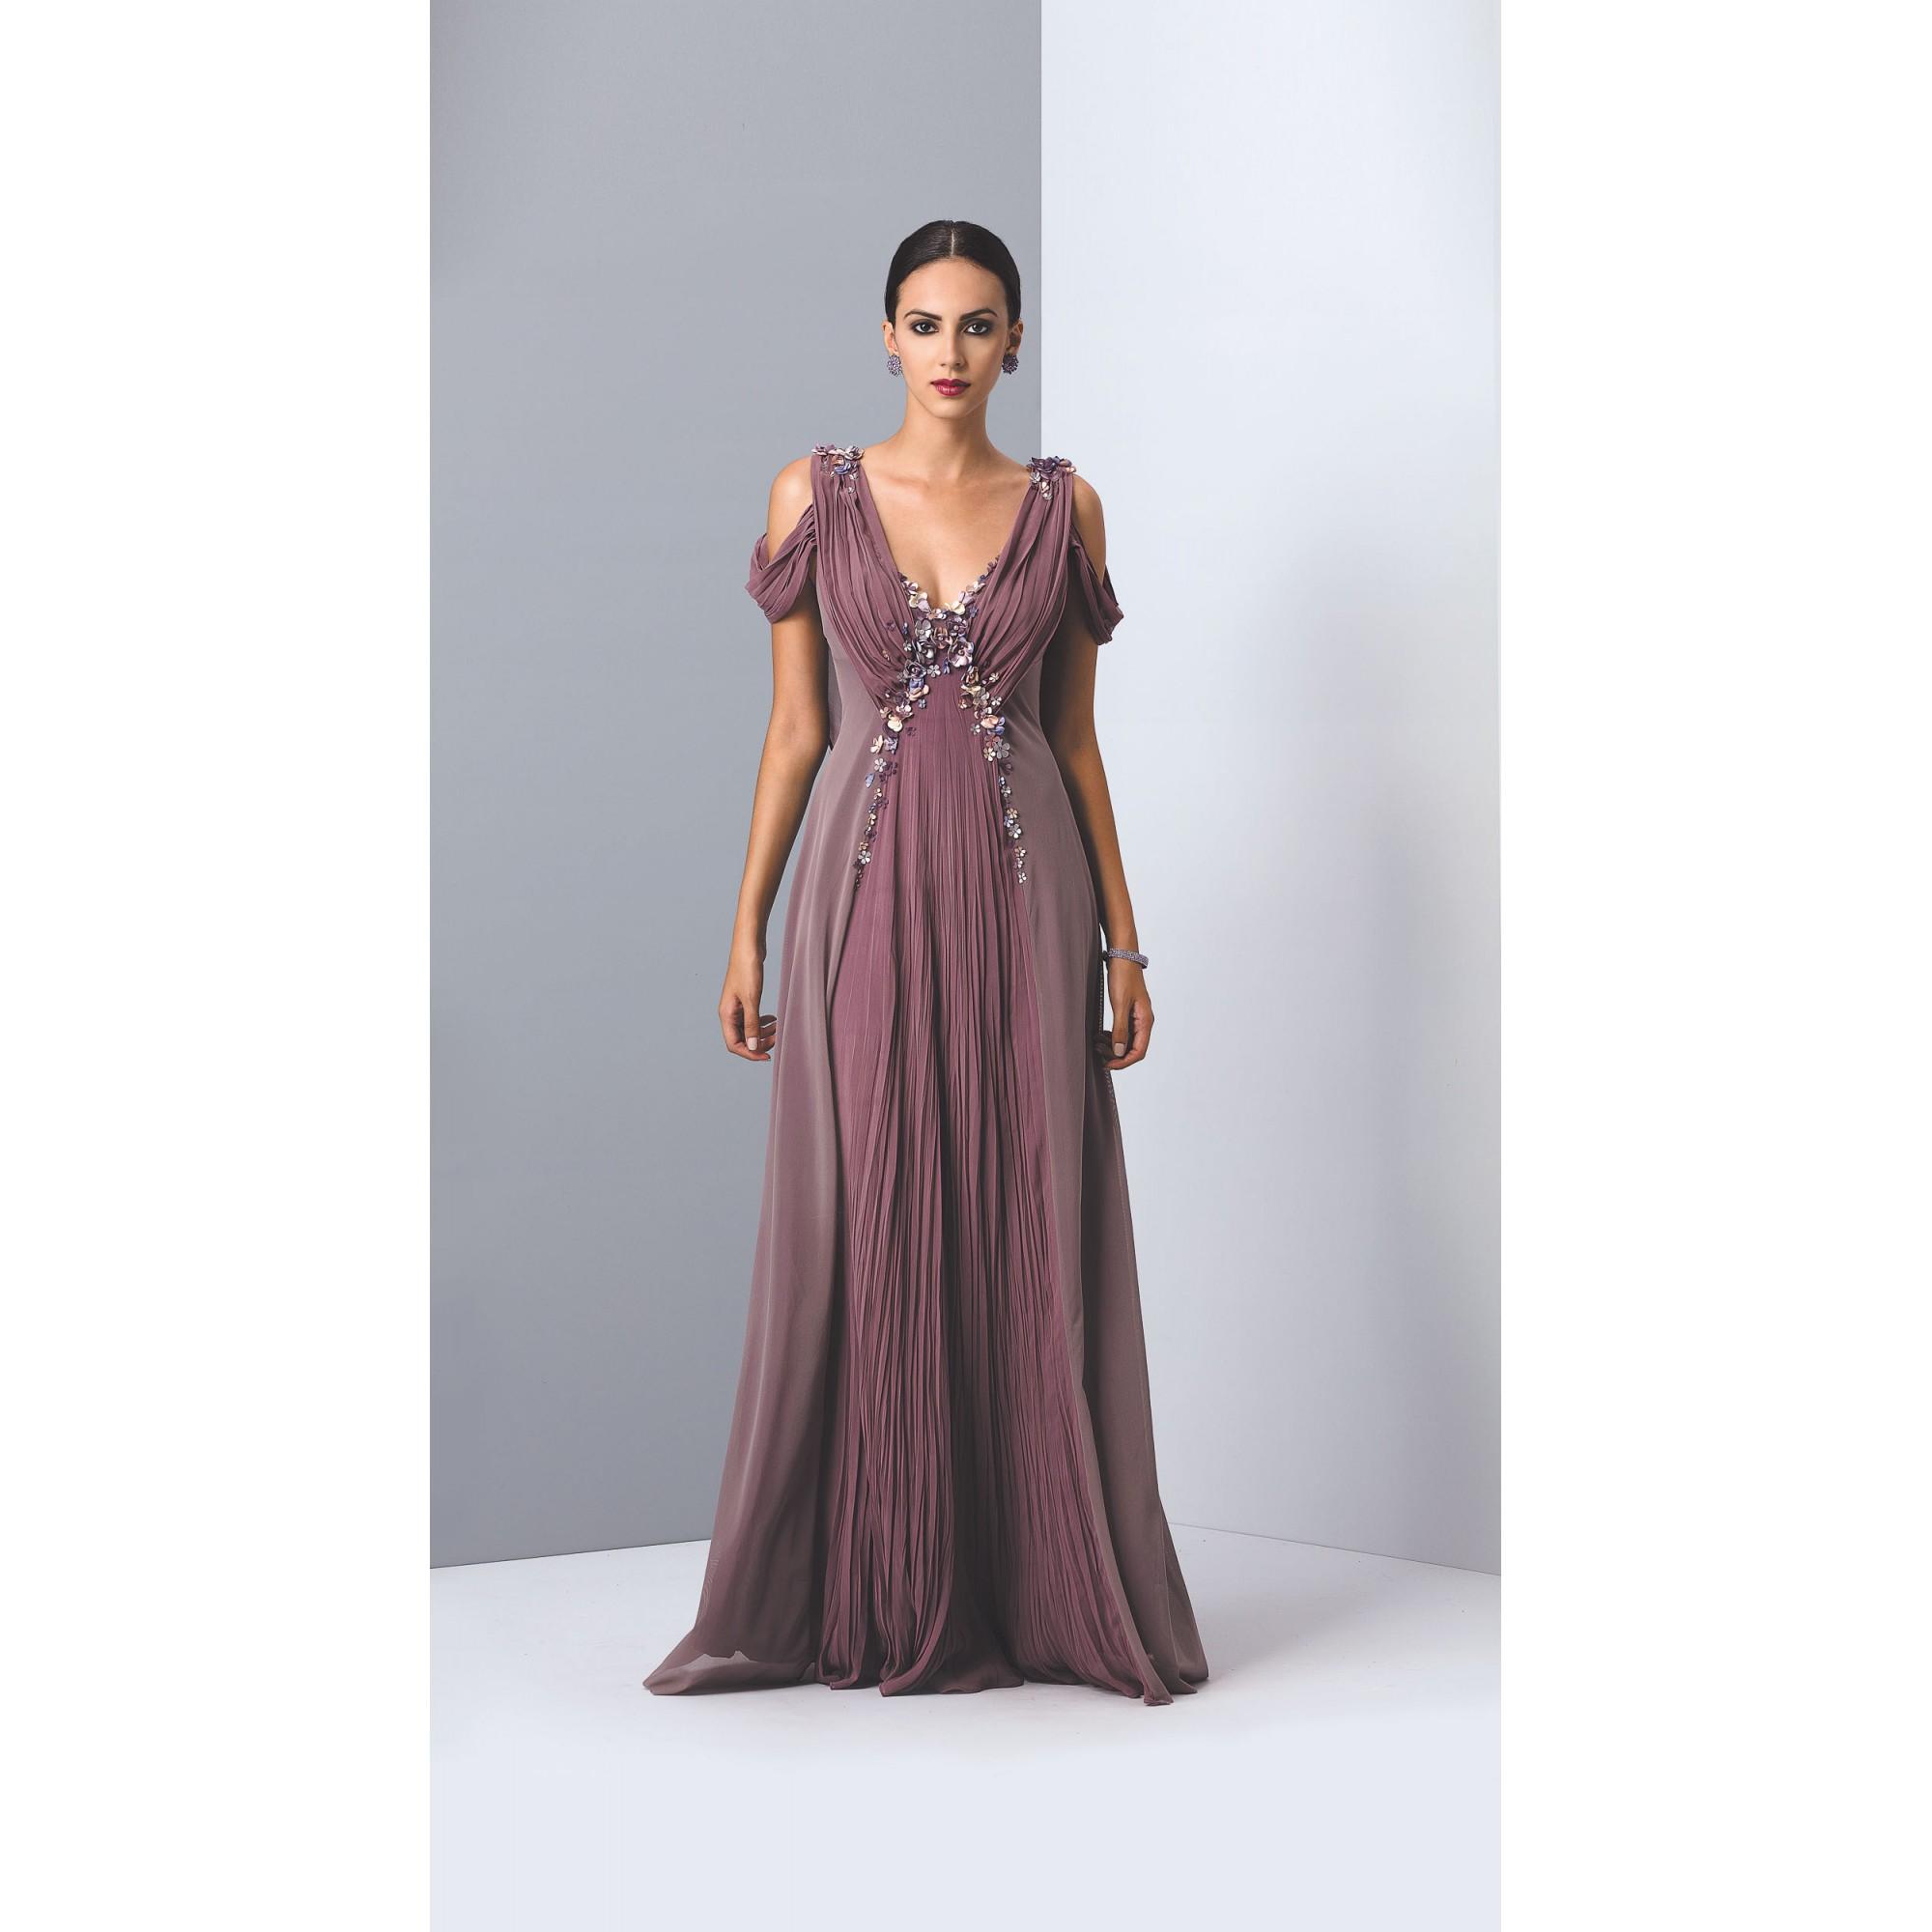 Vestido longo com detalhes em bordados